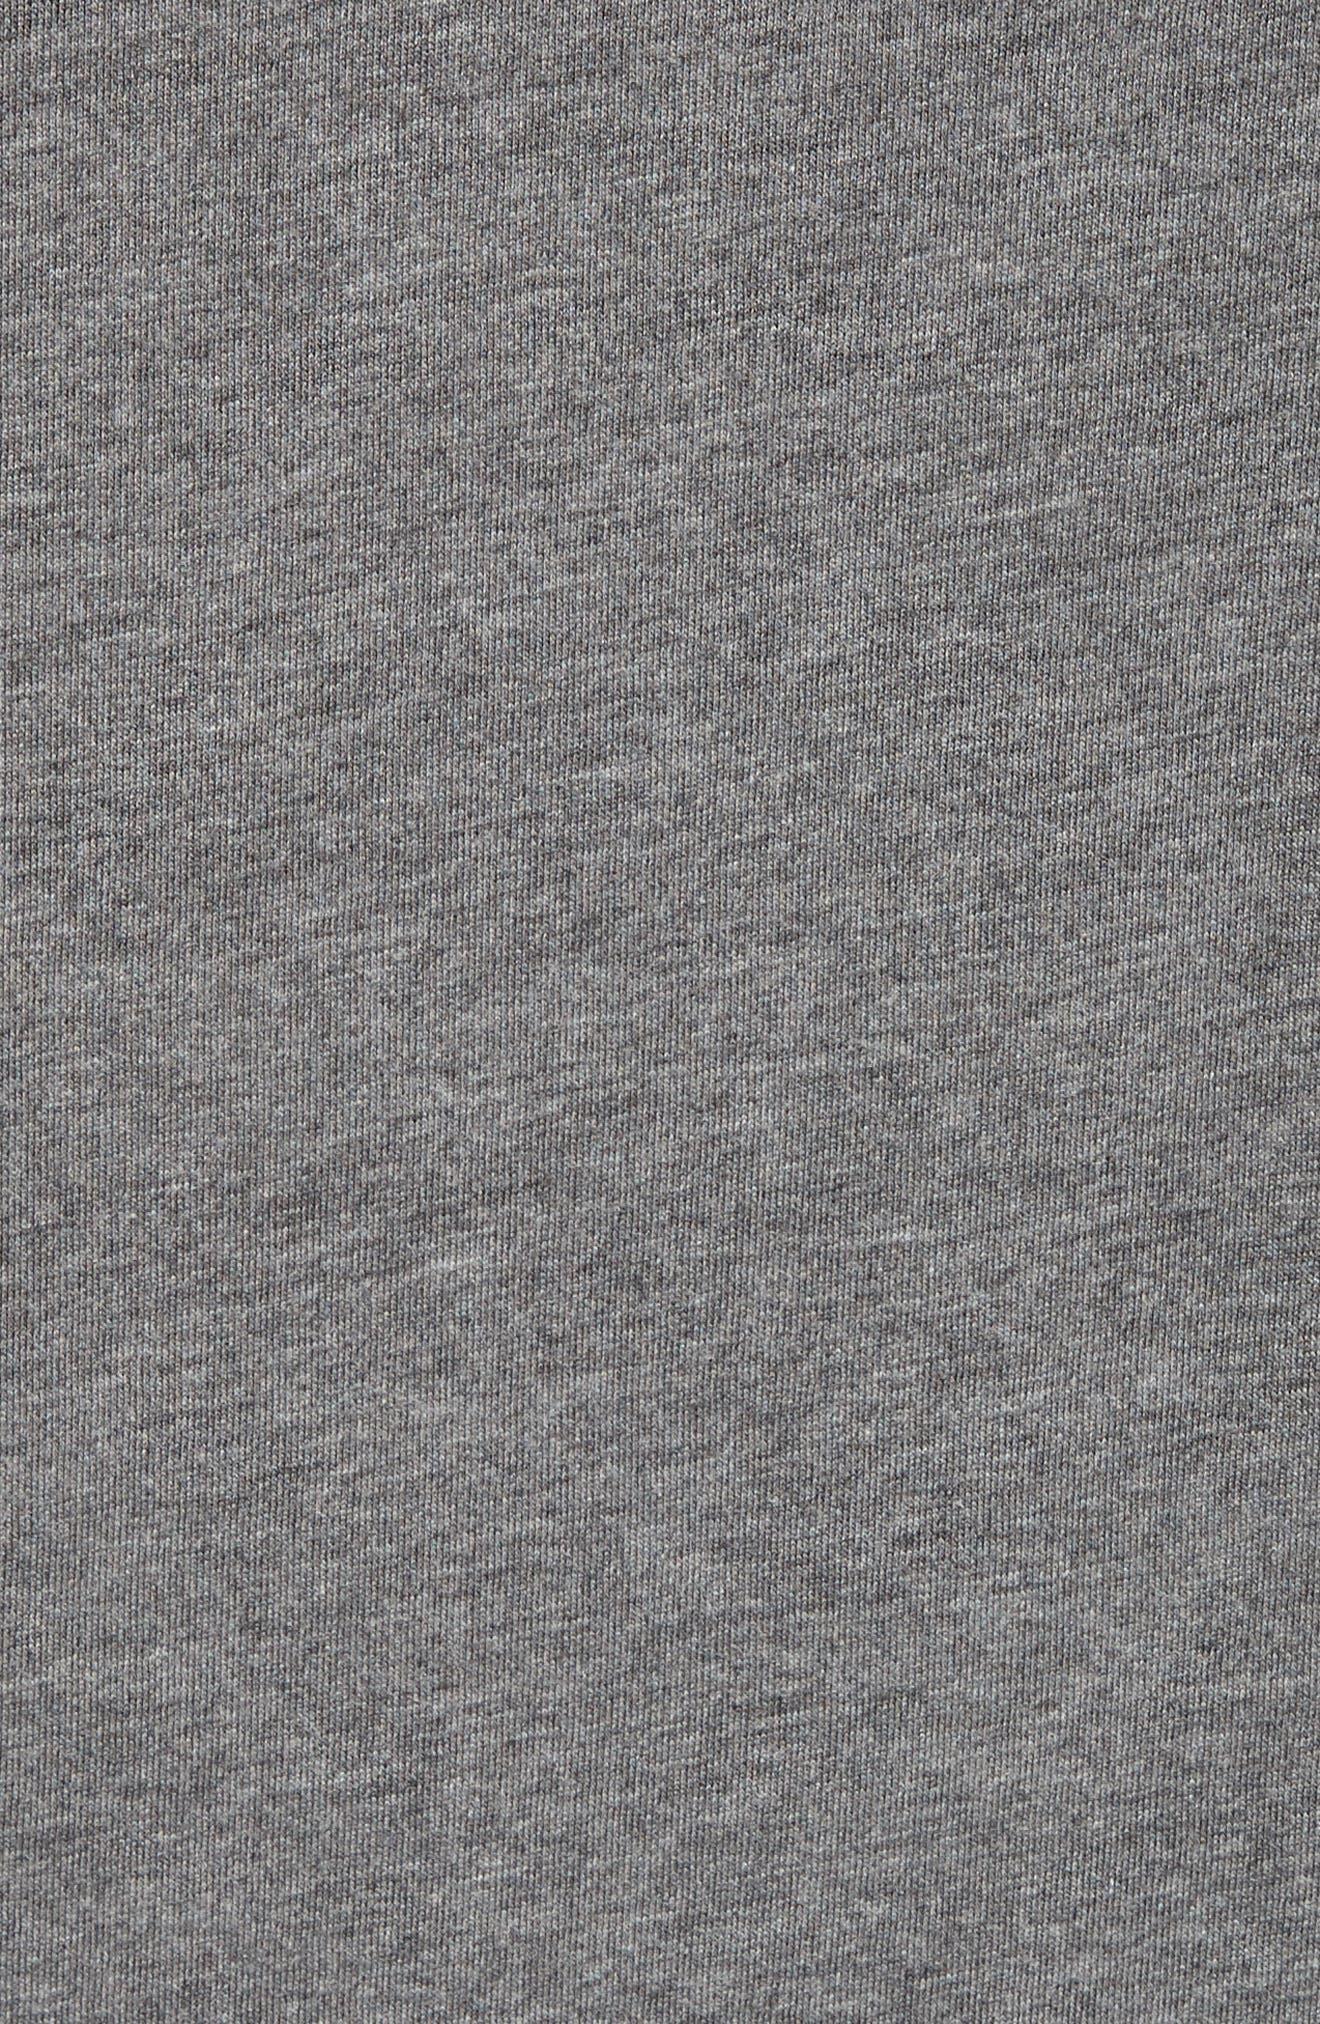 Martford Regular Fit T-Shirt,                             Alternate thumbnail 5, color,                             Grey Melange